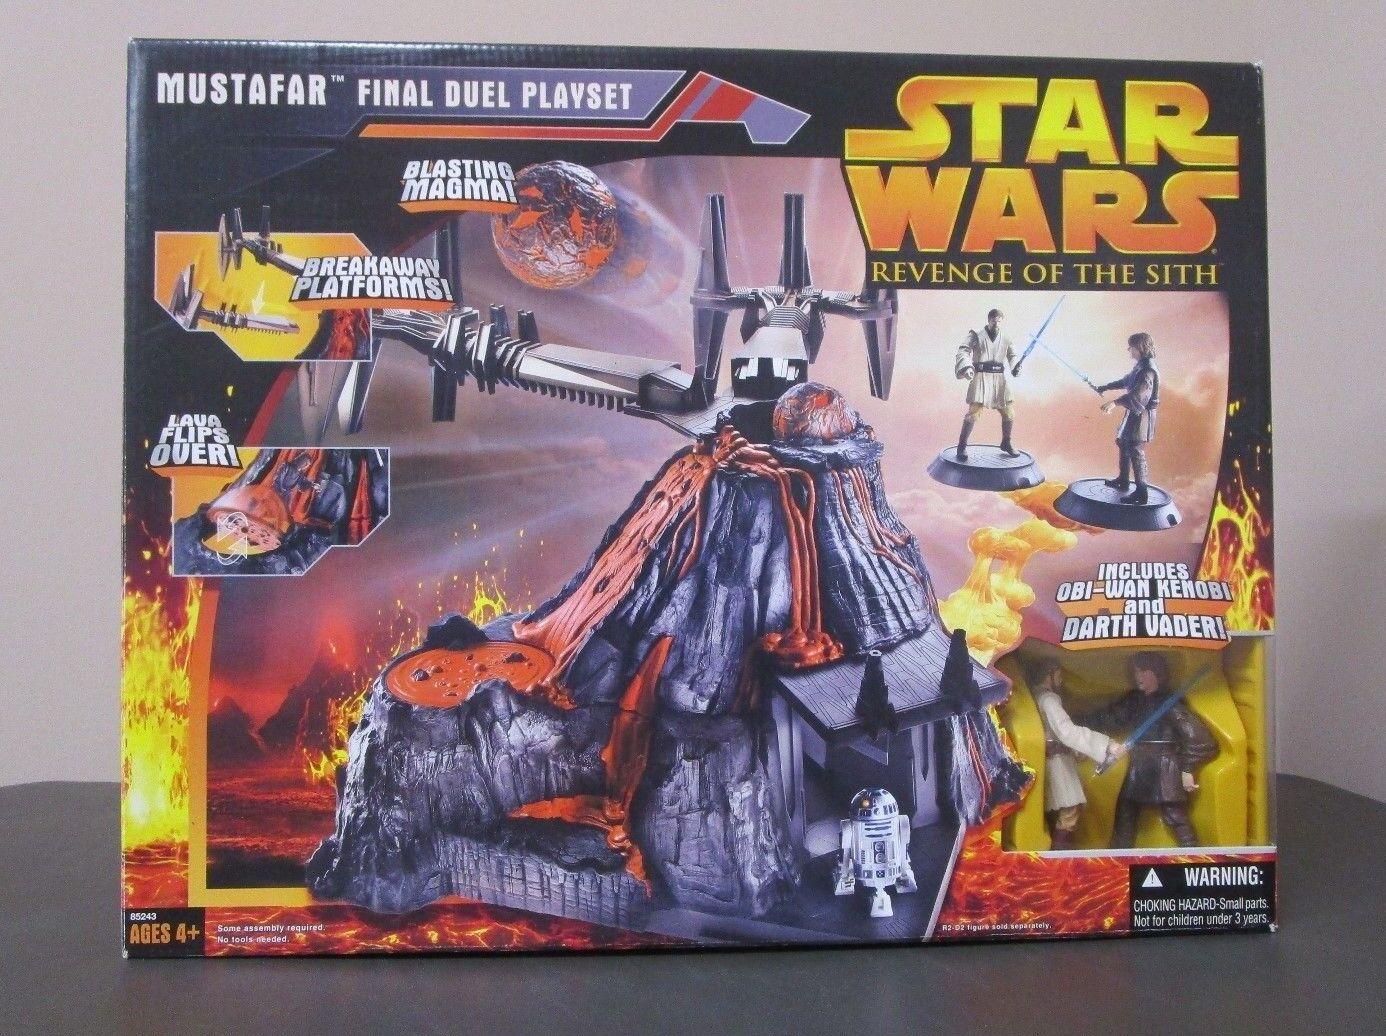 Hacia finales duelo Conjunto de Juego 2018 Star Wars La Venganza De Los Sith La Venganza De Los Sith Menta en caja